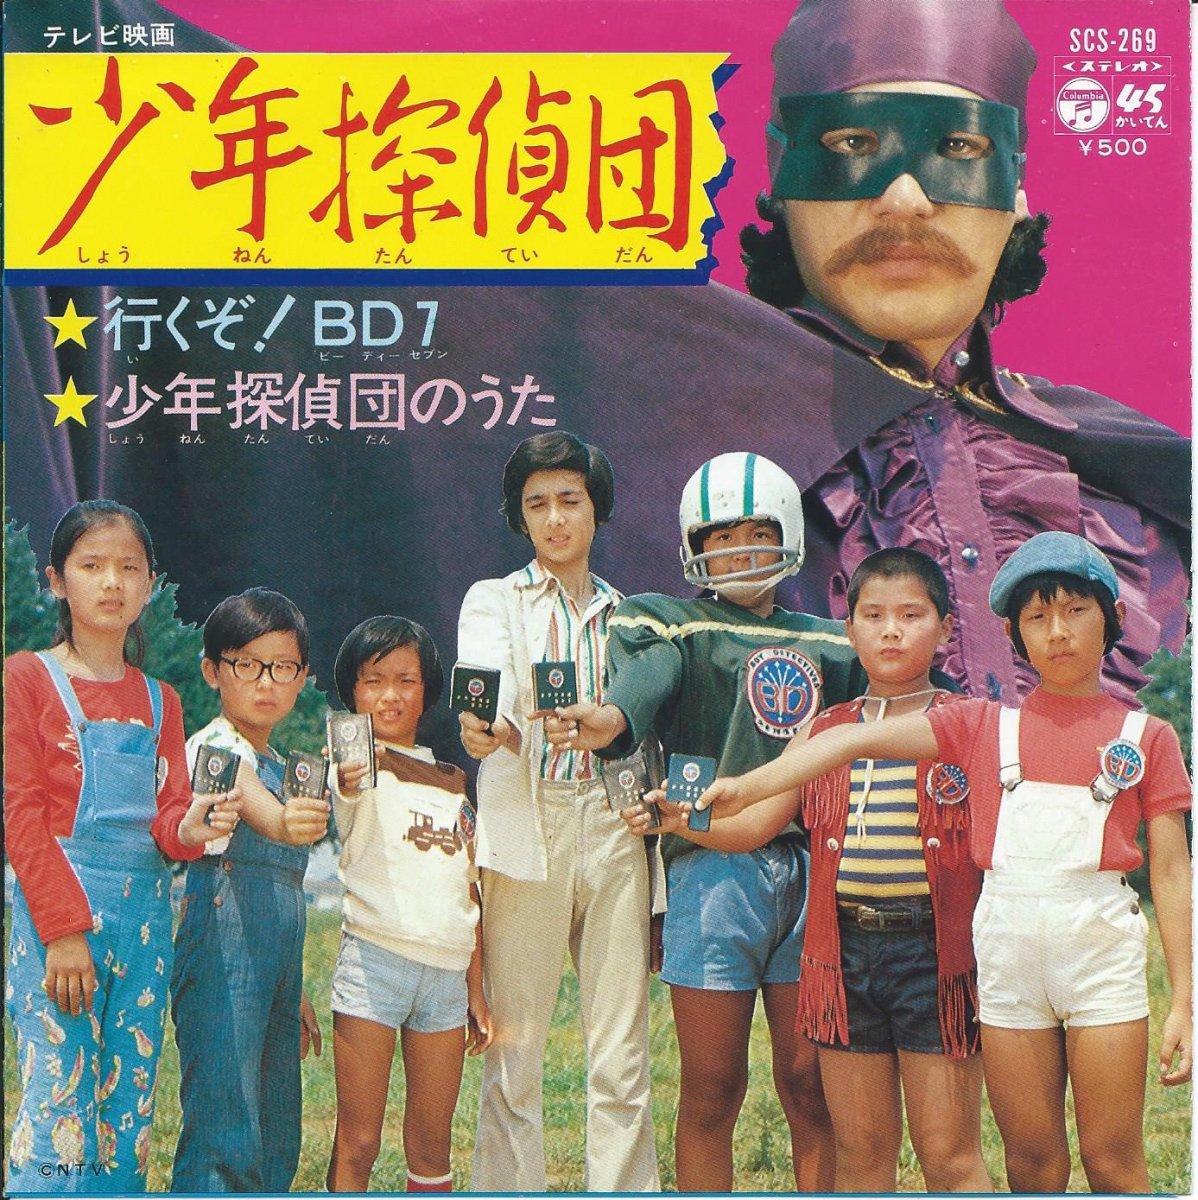 水木一郎 (ICHIRO MIZUKI) / 行くぞ!BD7 / 少年探偵団のうた (7